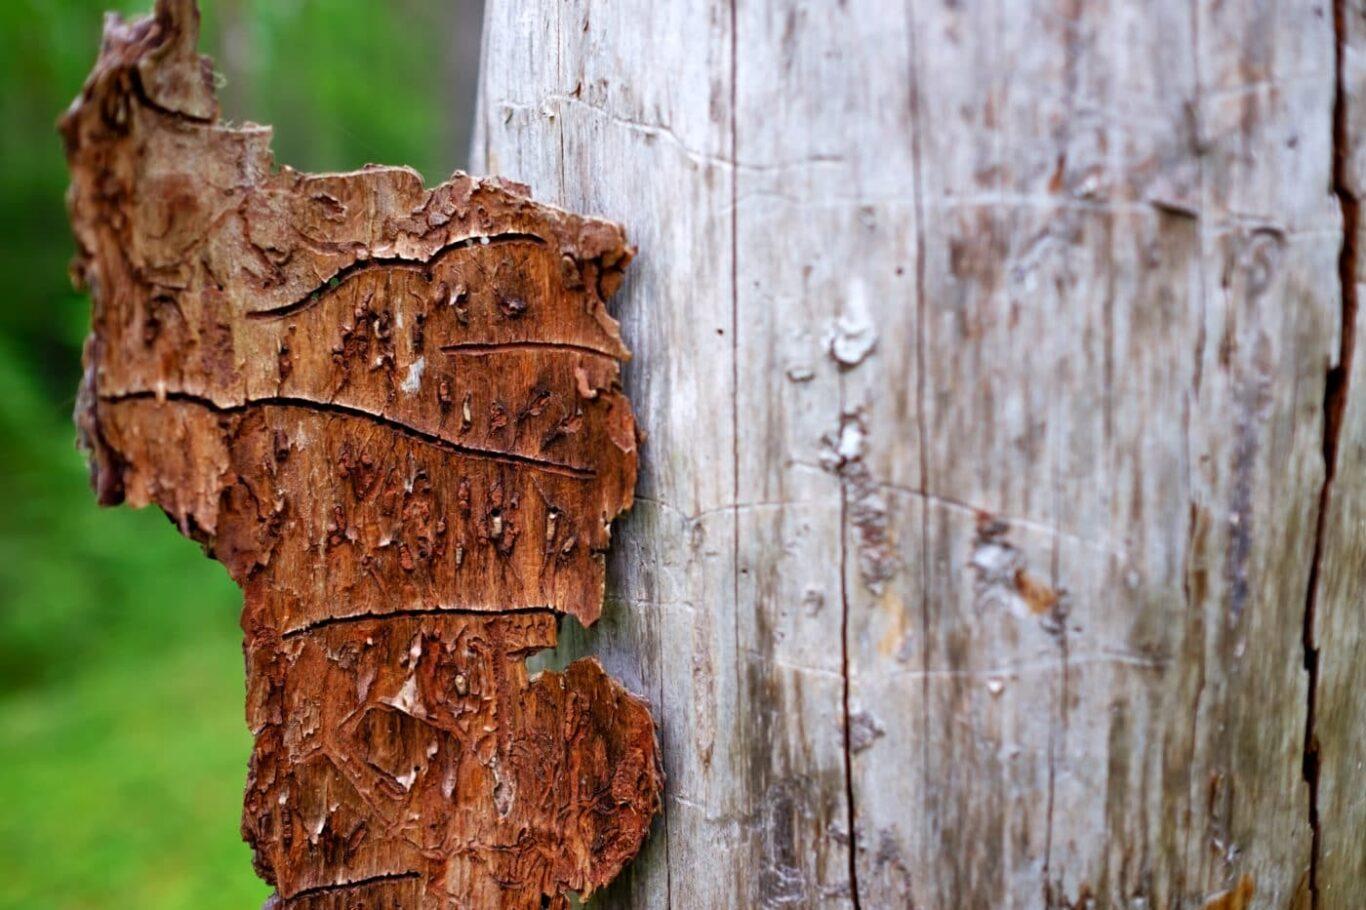 Spuren des Borkenkäfer sind deutlich auf dem Baumstamm zu sehen.